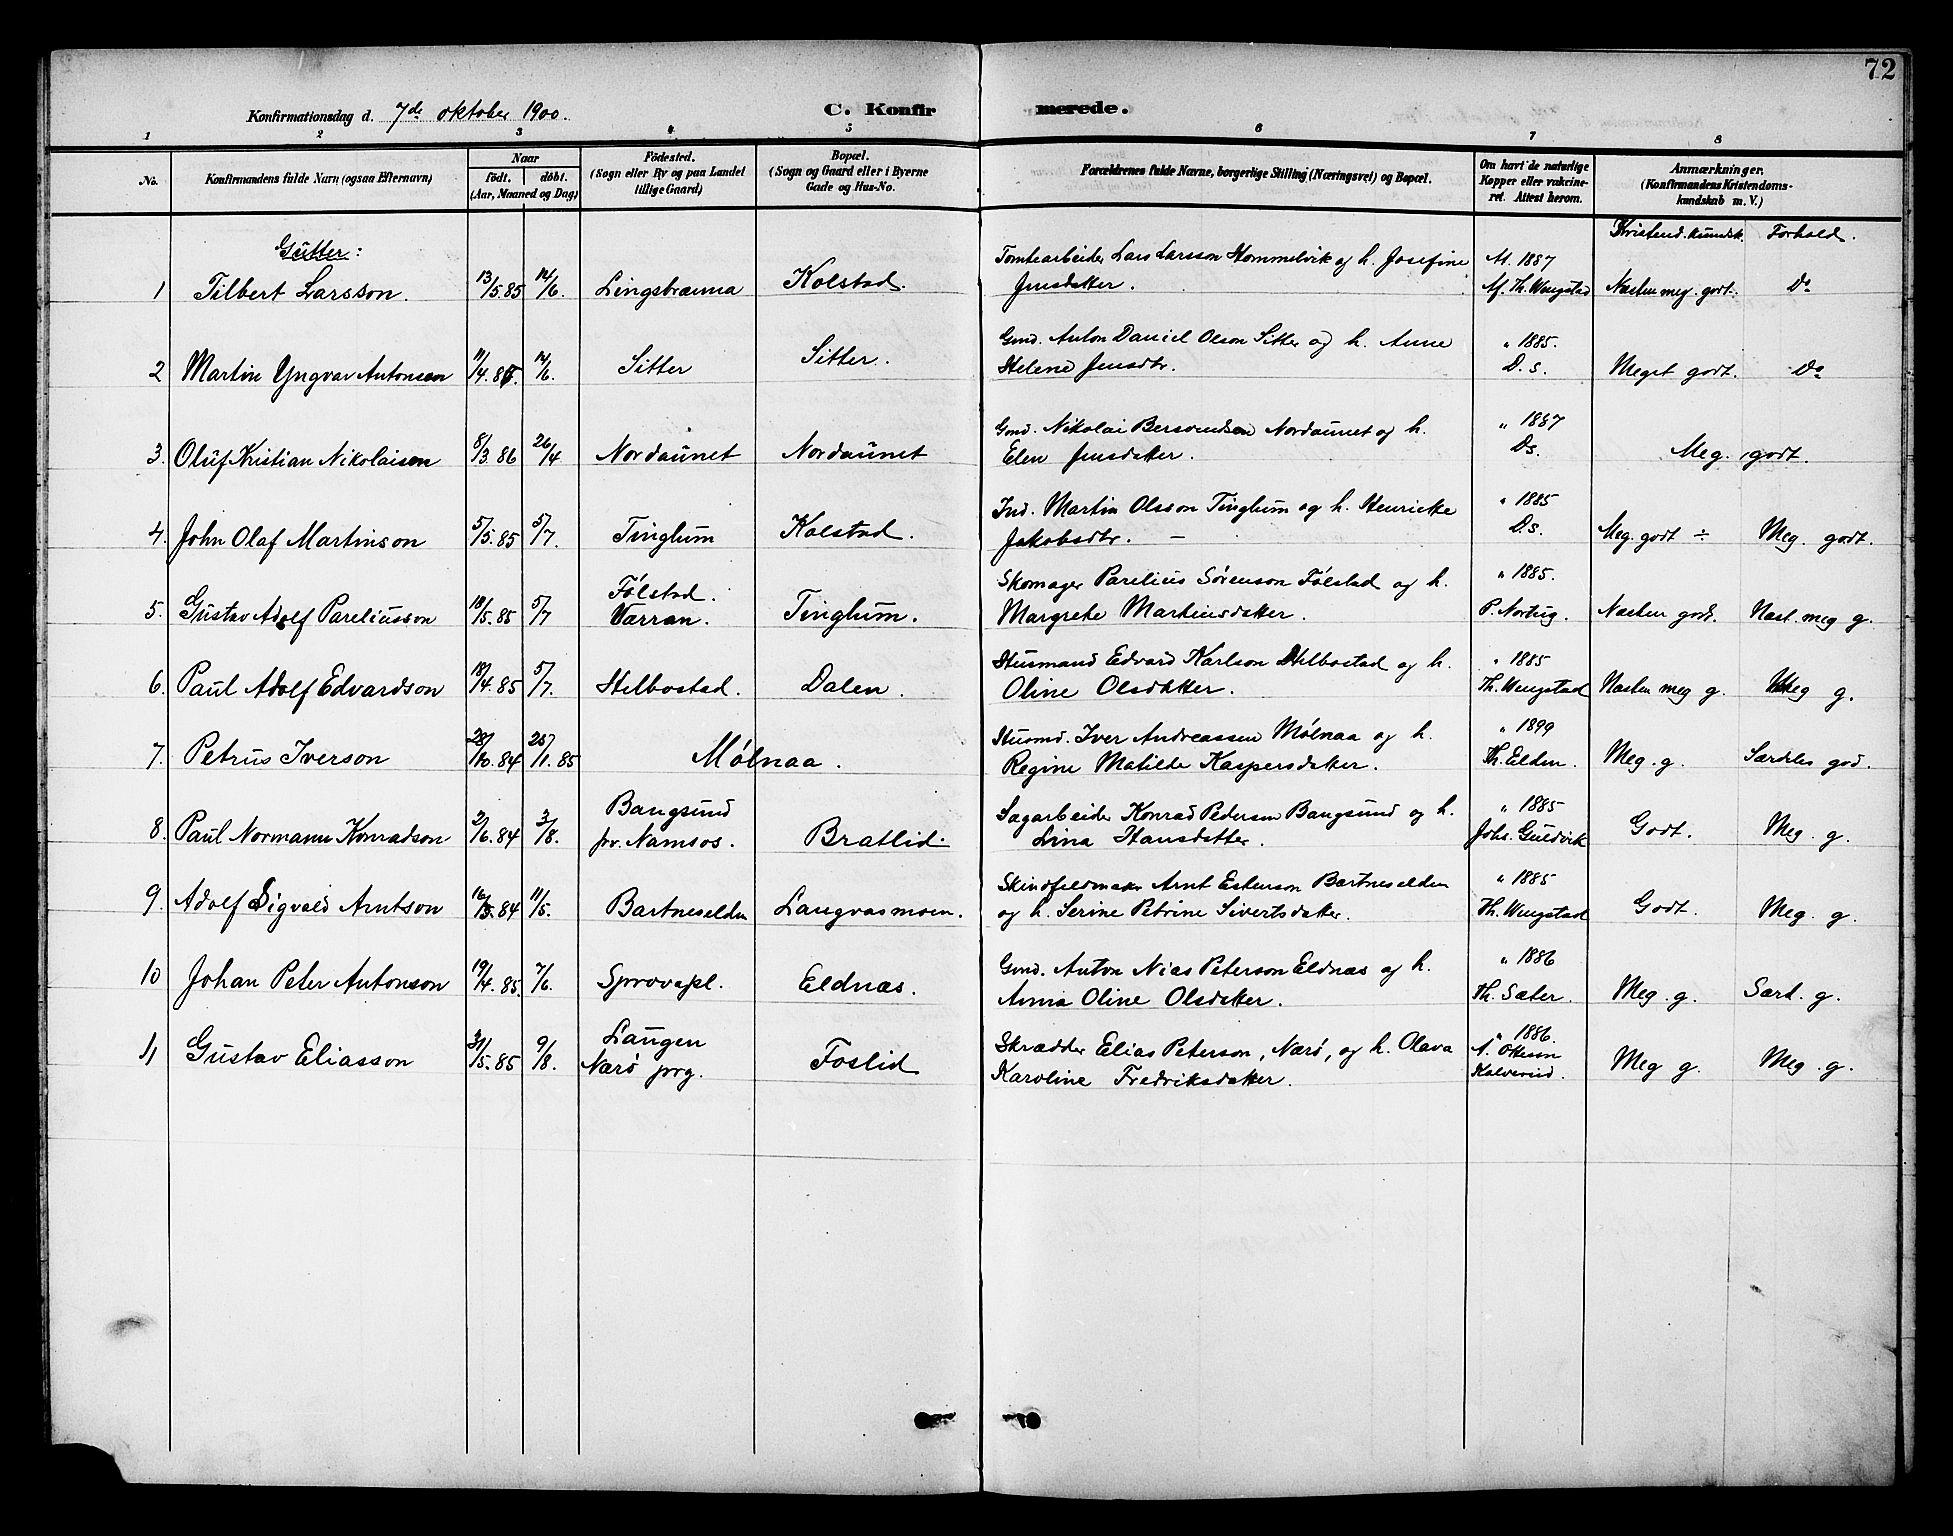 SAT, Ministerialprotokoller, klokkerbøker og fødselsregistre - Nord-Trøndelag, 742/L0412: Klokkerbok nr. 742C03, 1898-1910, s. 72